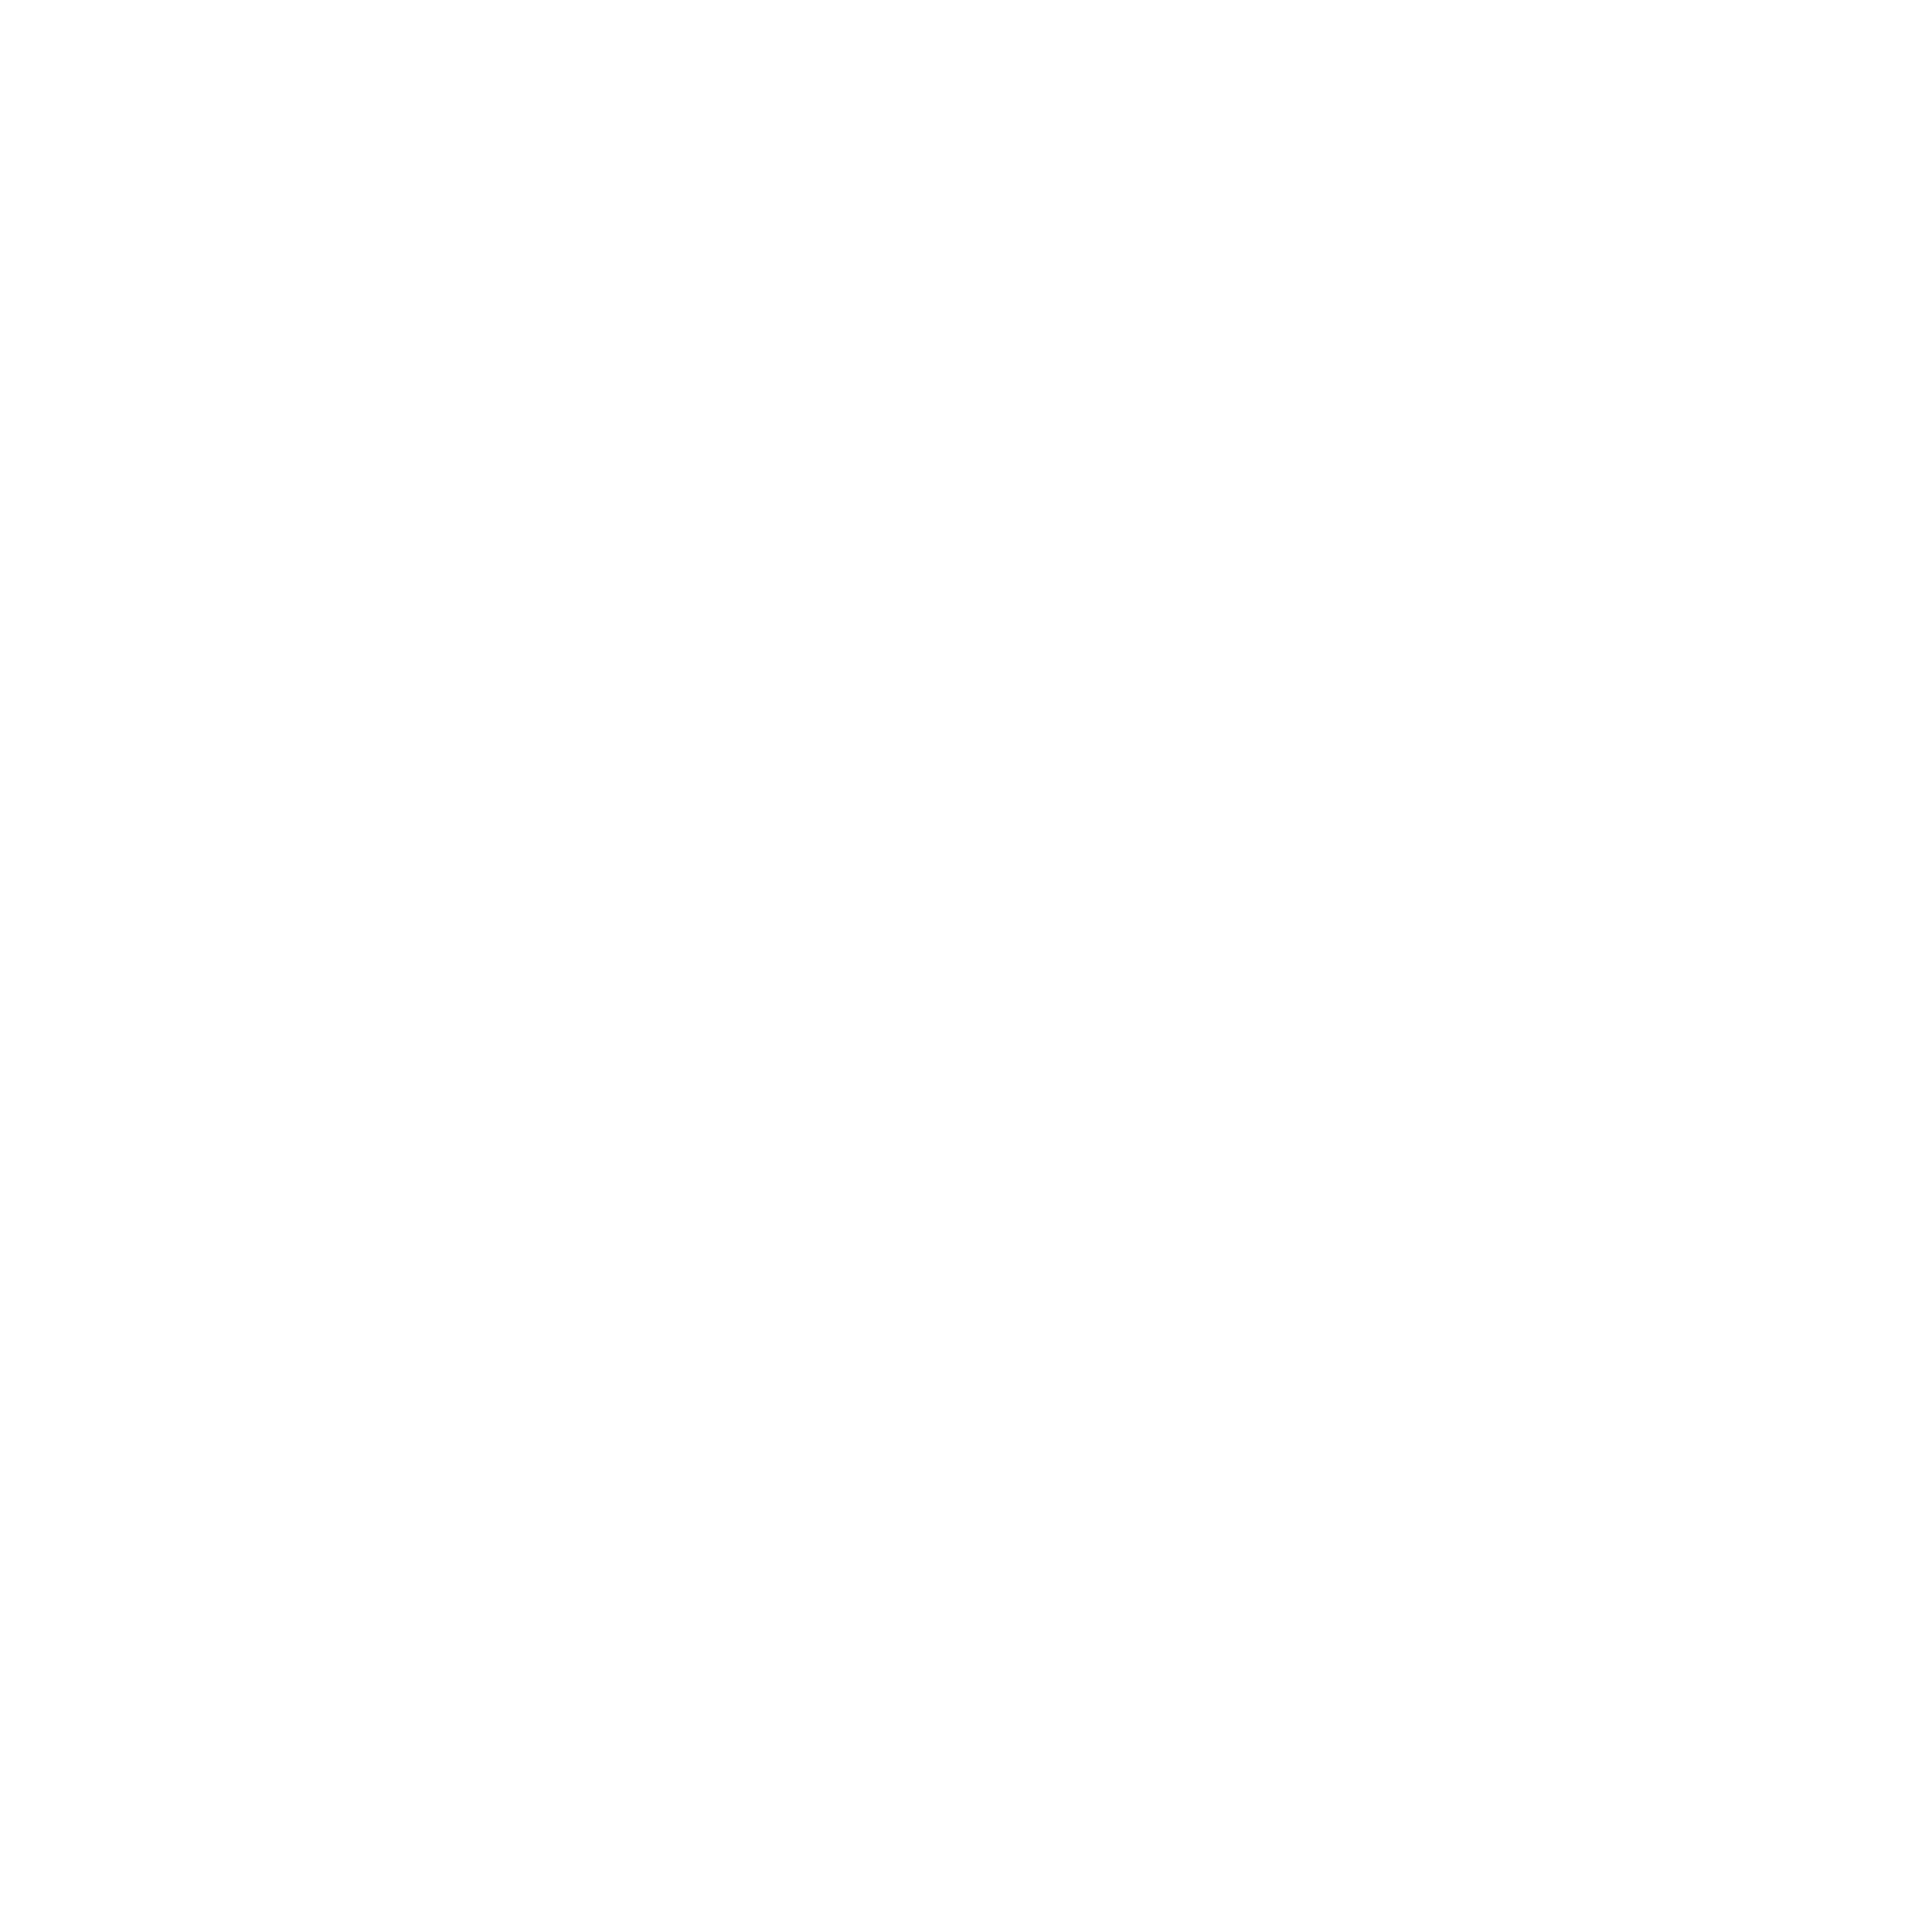 Tjsarx